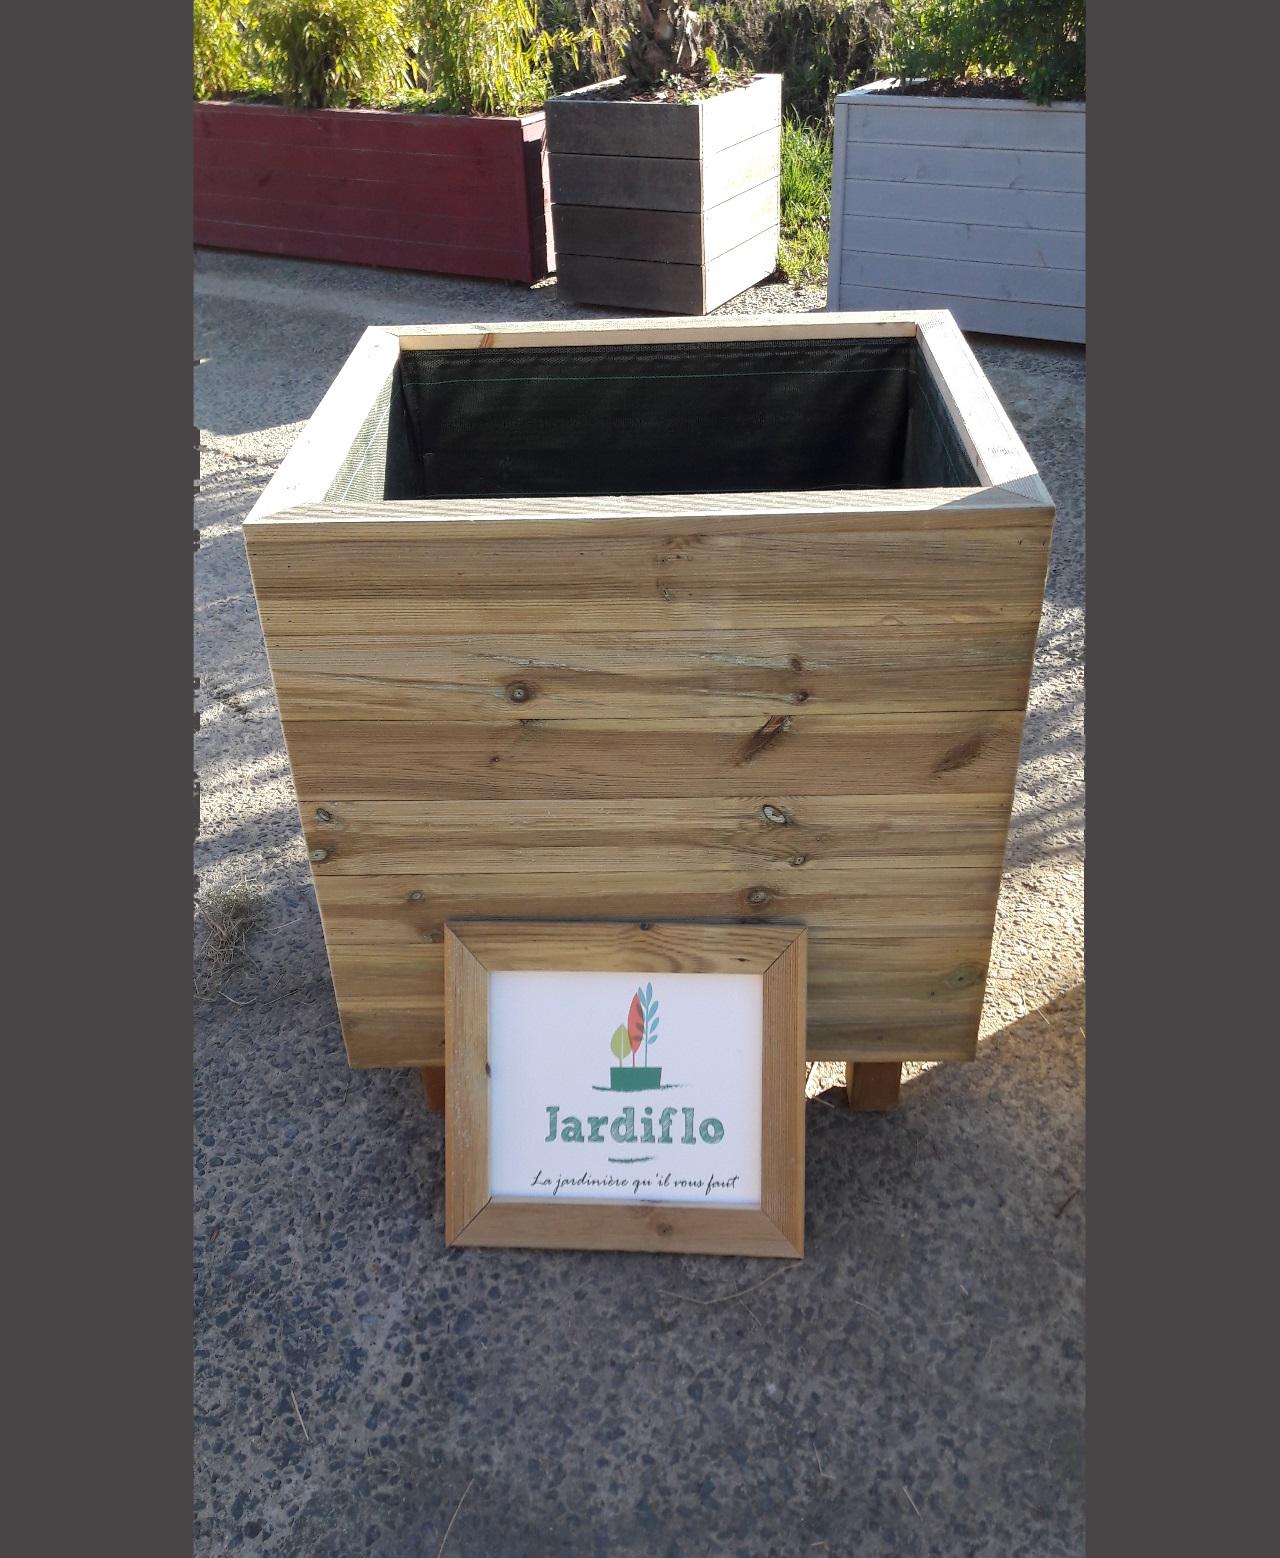 Jardini re carr e en bois 80x60x70 220l xxl jardiflo - Jardiniere xxl ...